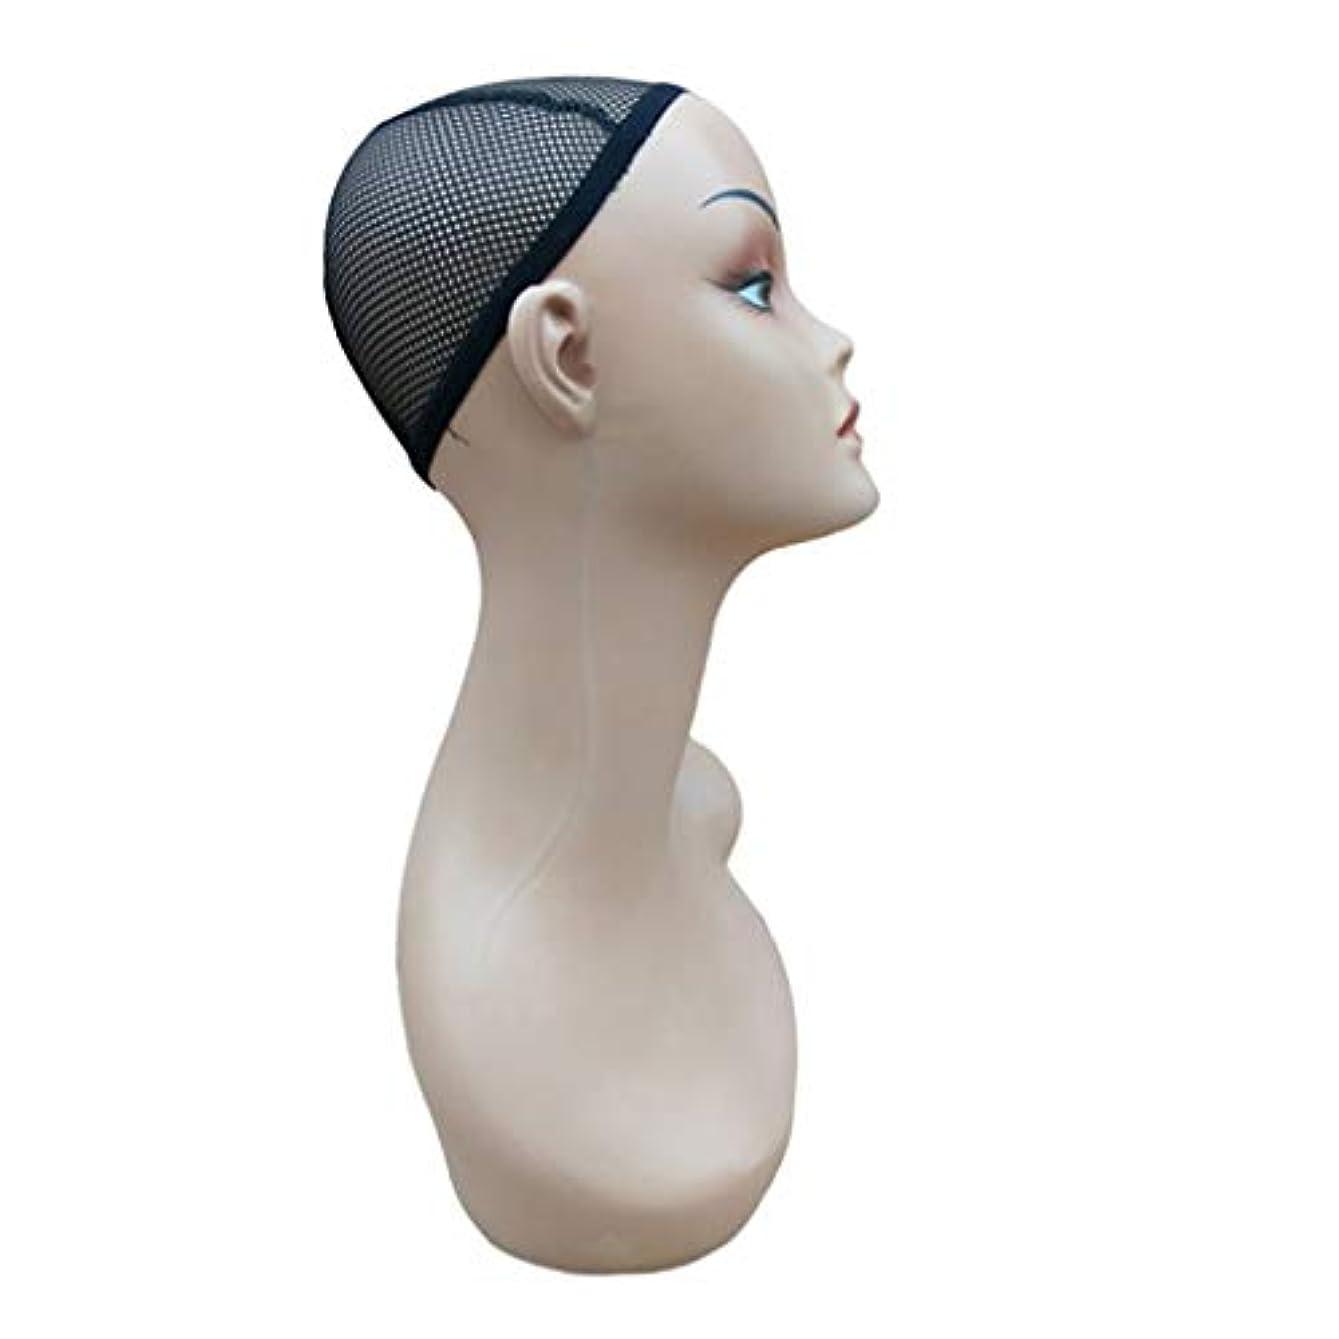 ゴミ箱を空にするマルクス主義者平らなDYNWAVE マネキンヘッド ヘッドモデル ディスプレイ ネックレス ジュエリー 帽子スタンド